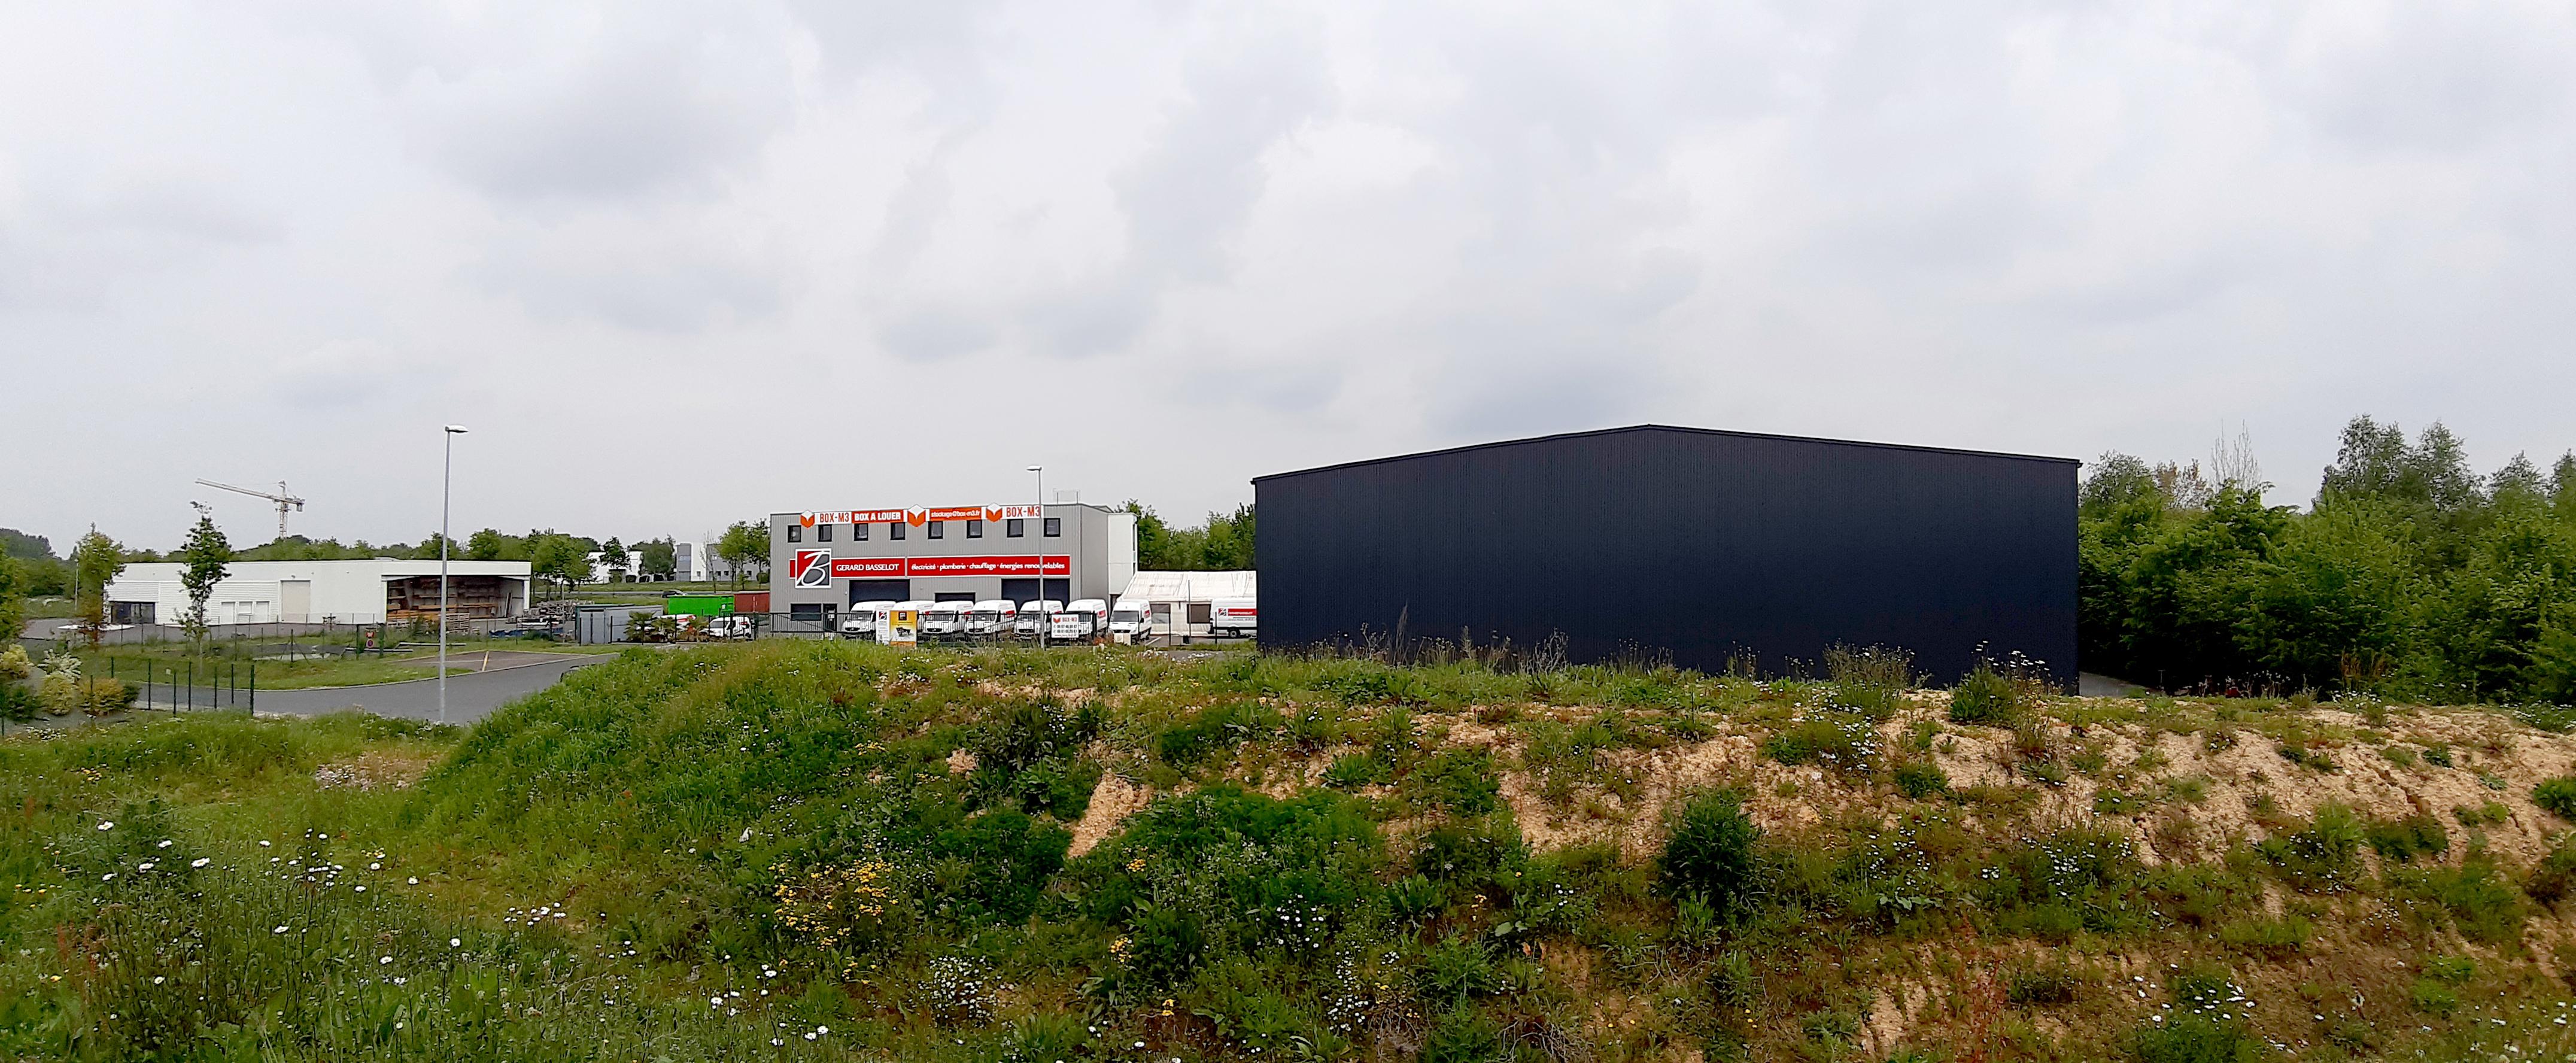 Dans une zone artisanale, aux constructions héteroclites, le nouveau bâtiment joue la sobriété. Le volume très simple et compact est voulu, et rendu possible par l'intégration à l'intérieur de l'enveloppe des bureaux et de l'entrée.